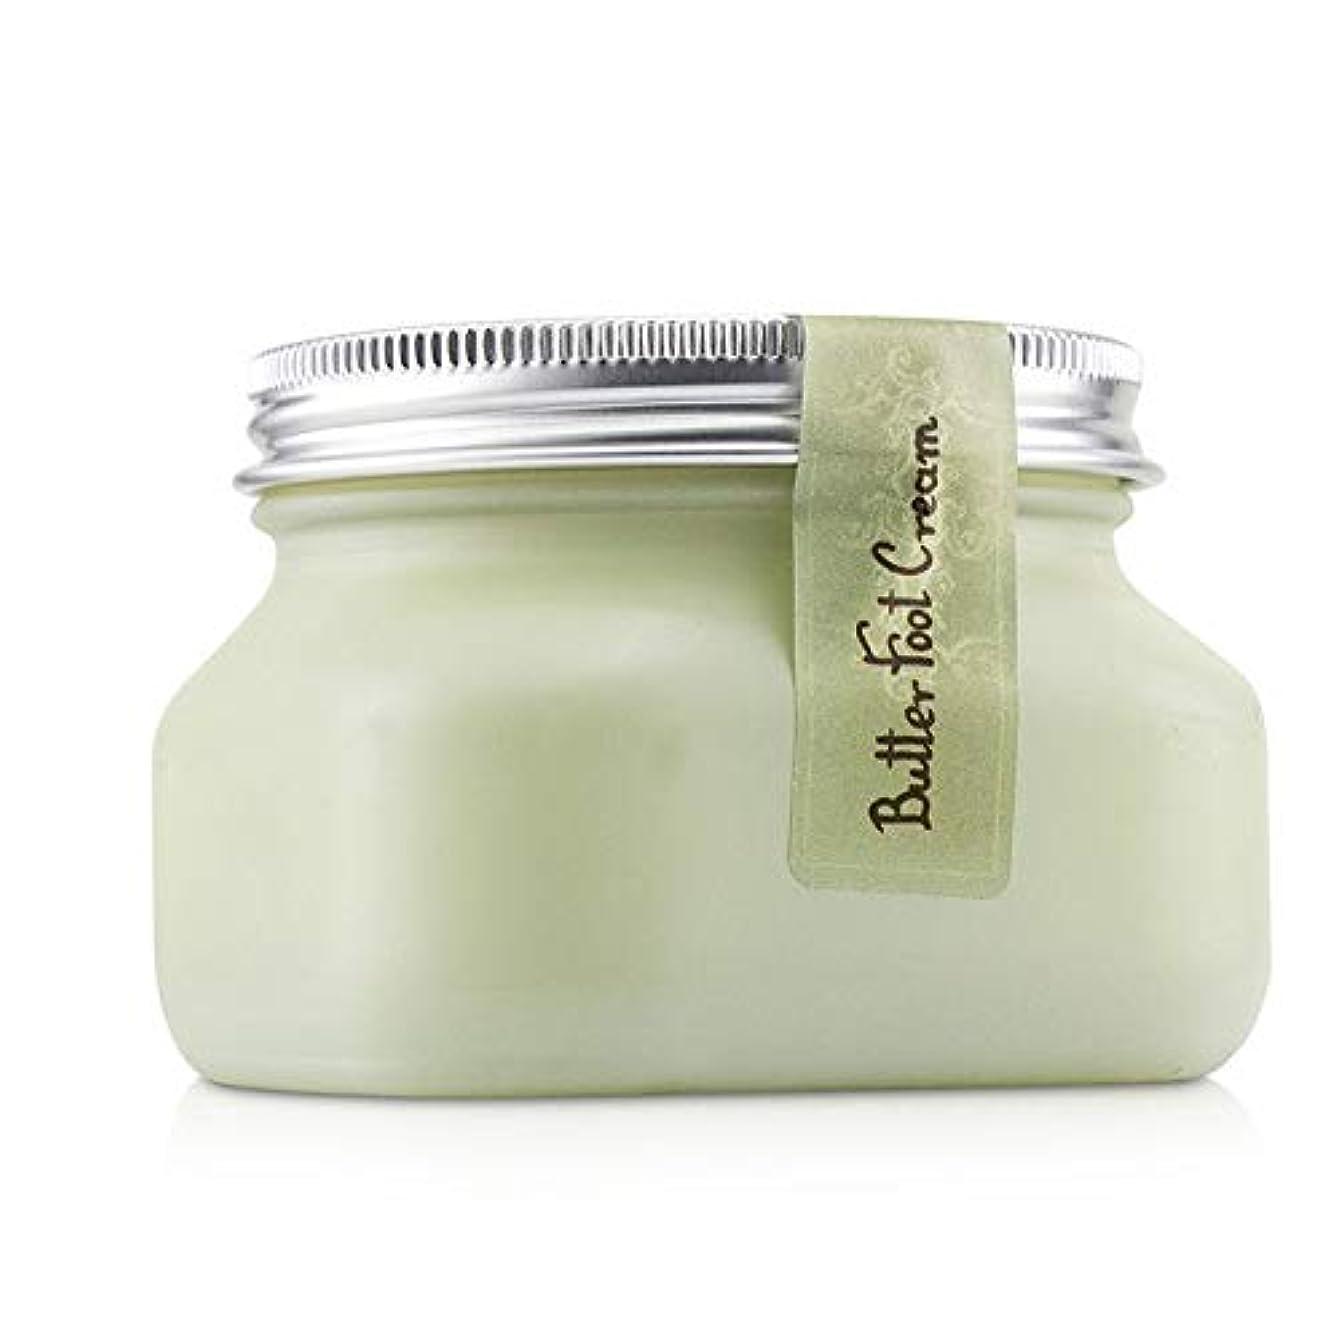 バタフライ借りる歌サボン Butter Foot Cream 150ml/5.27oz並行輸入品